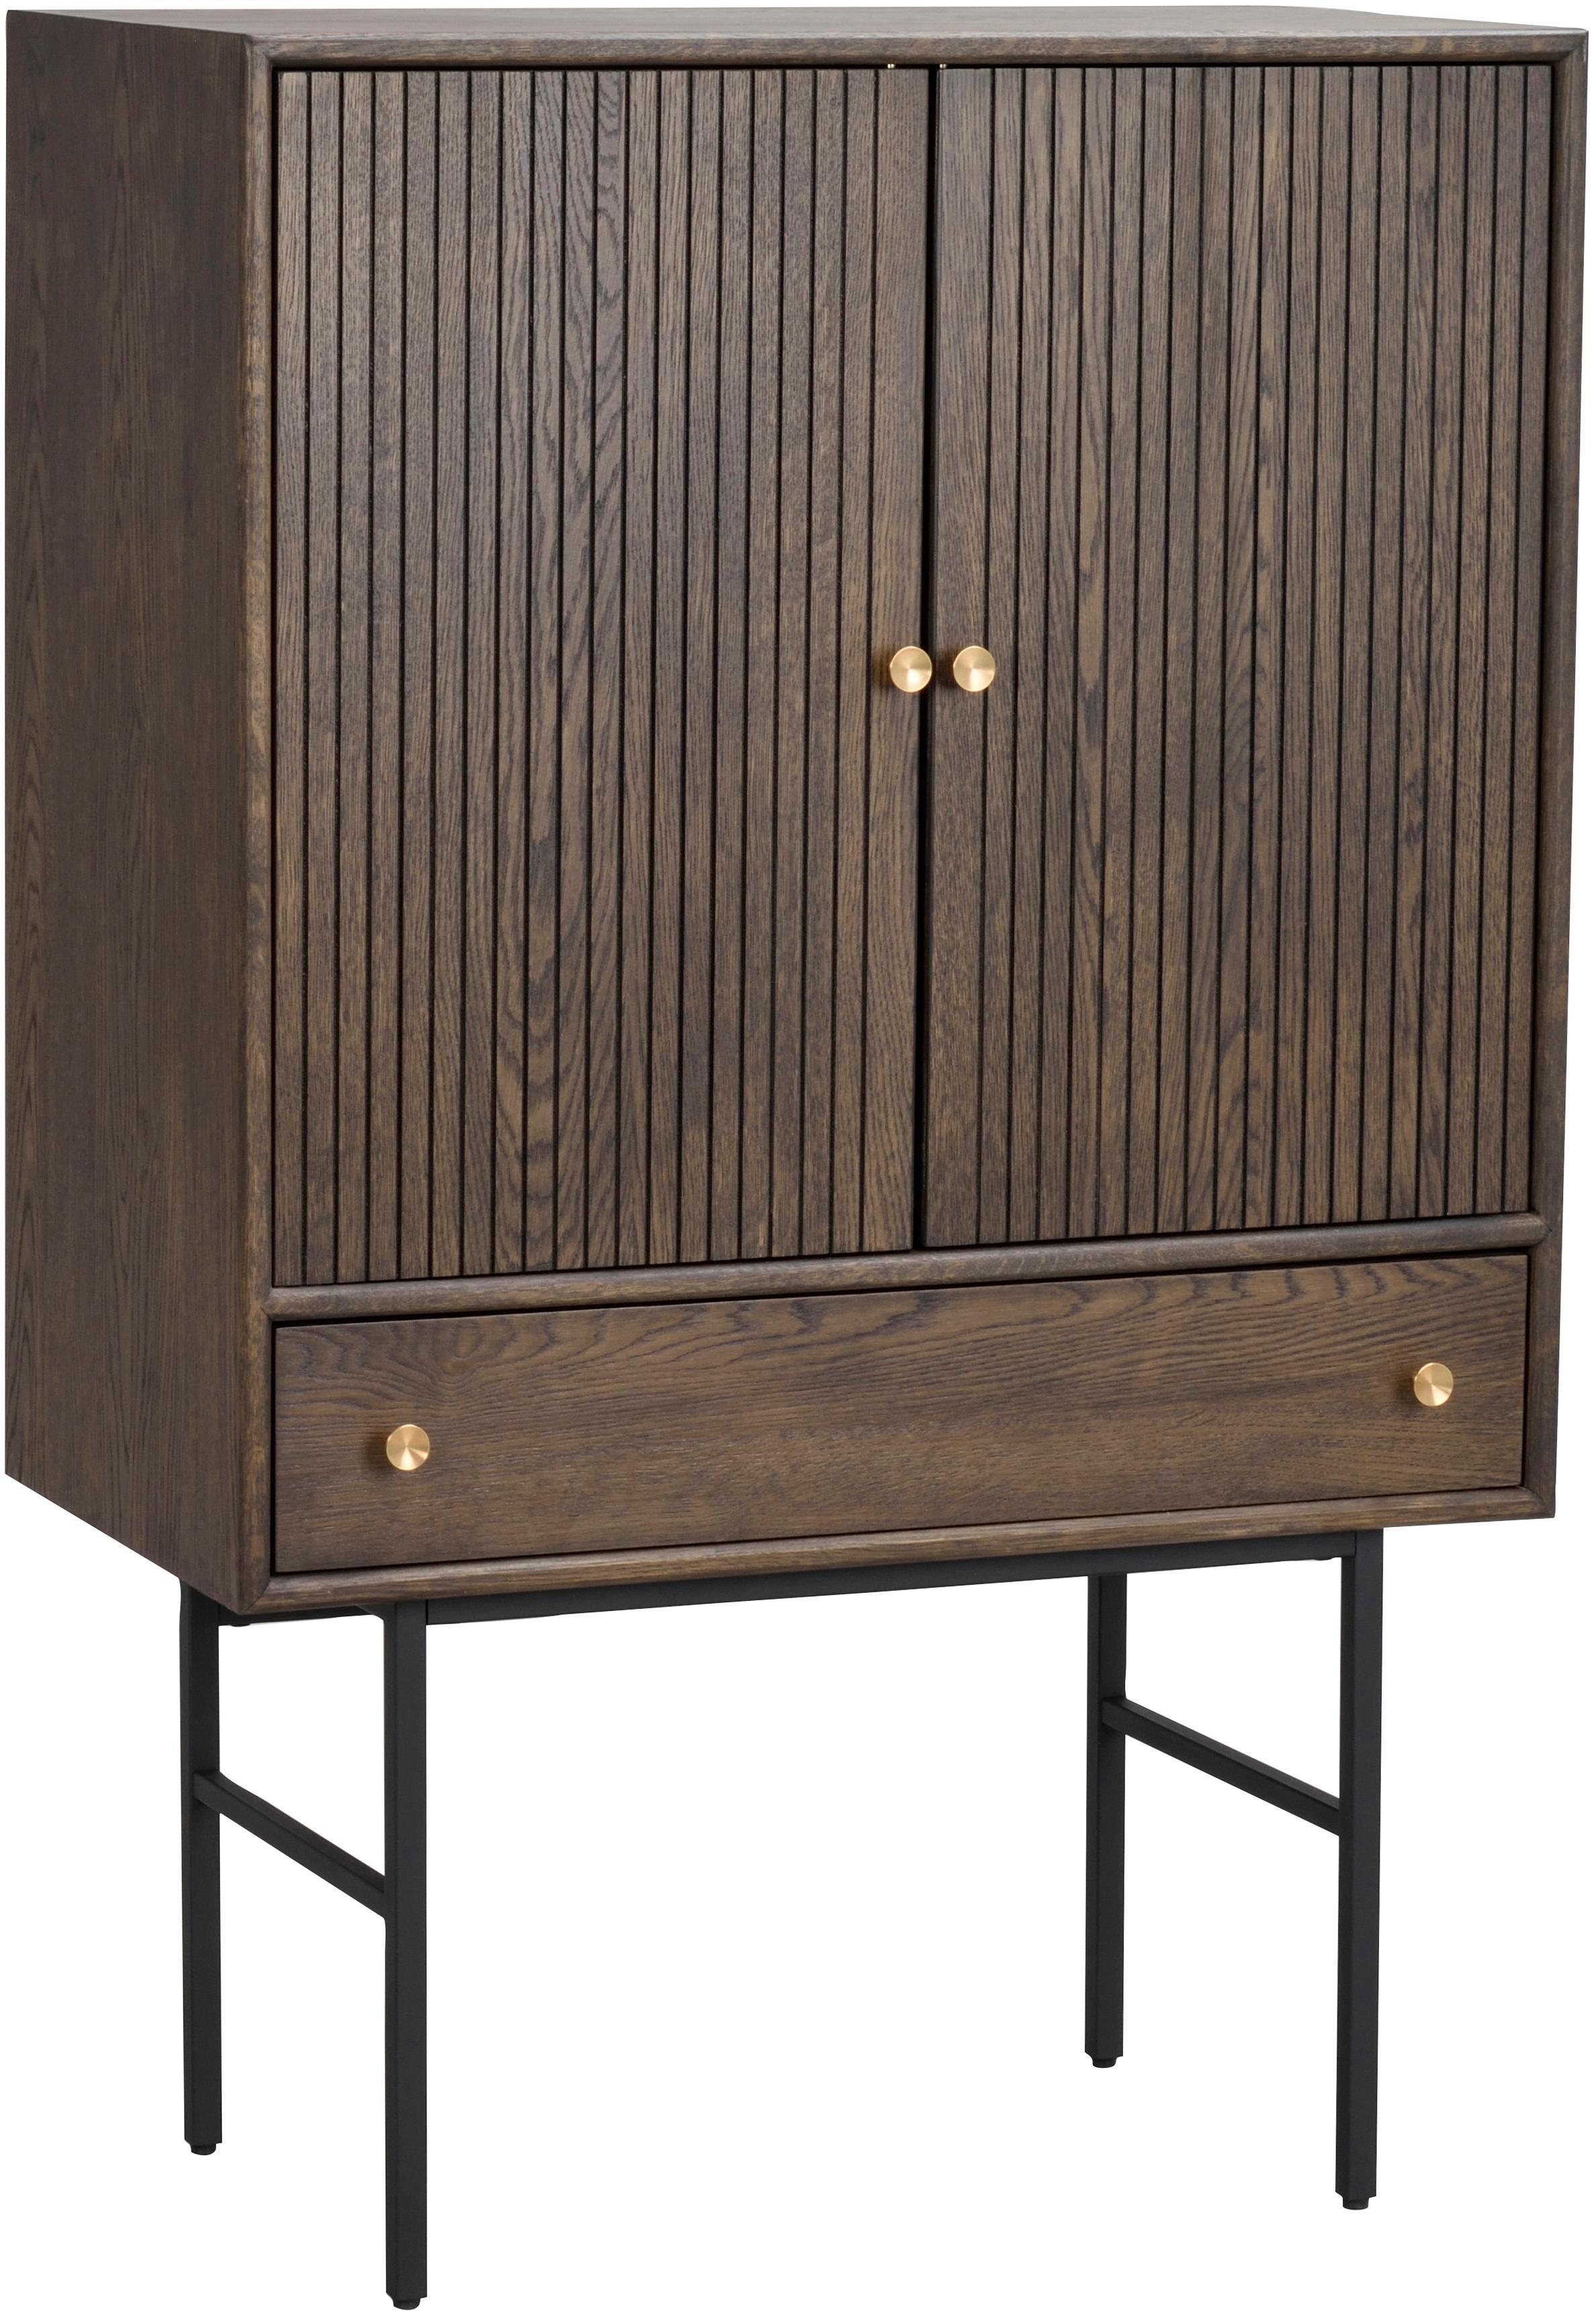 Dressoir Clearbrook met 2 deuren, Frame: MDF met eikenhoutfineer, Poten: gepoedercoat metaal, Bruin, zwart, 79 x 125 cm